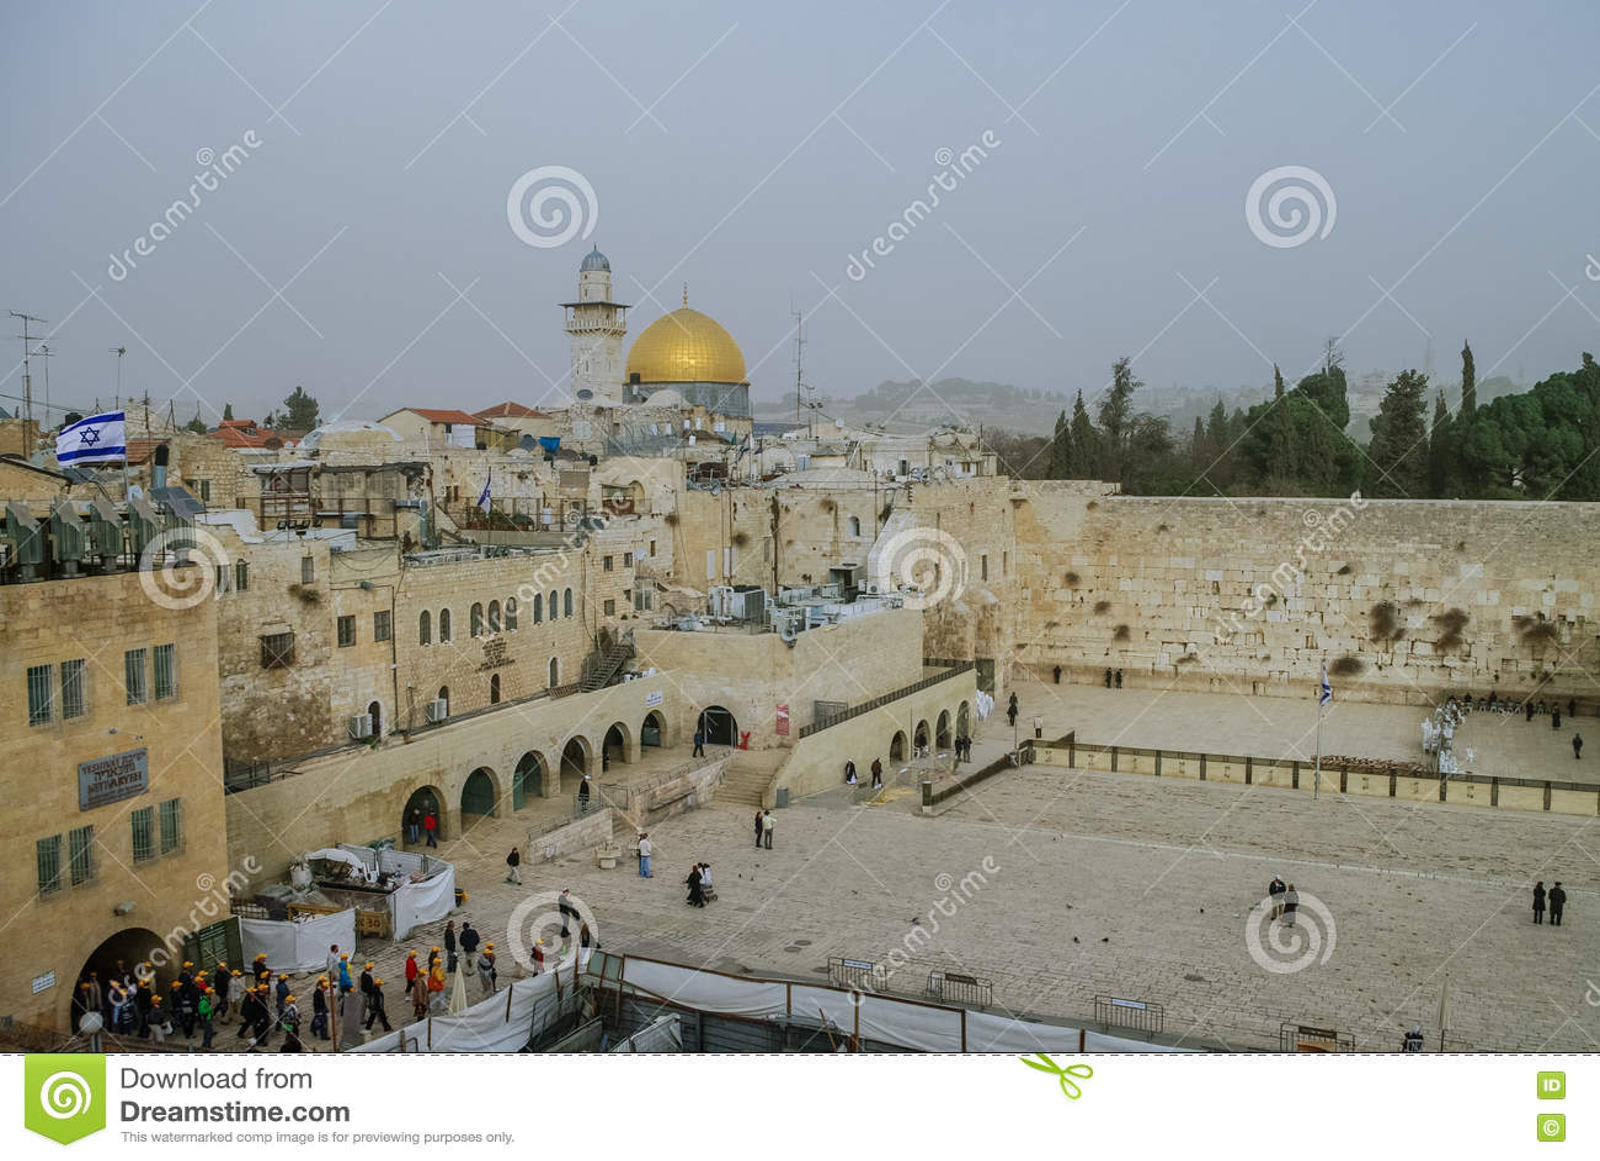 Ιερουσαλήμ, Ισραήλ - 11 Δεκεμβρίου 2010: Δυτικοί τοίχος και θόλος του τ